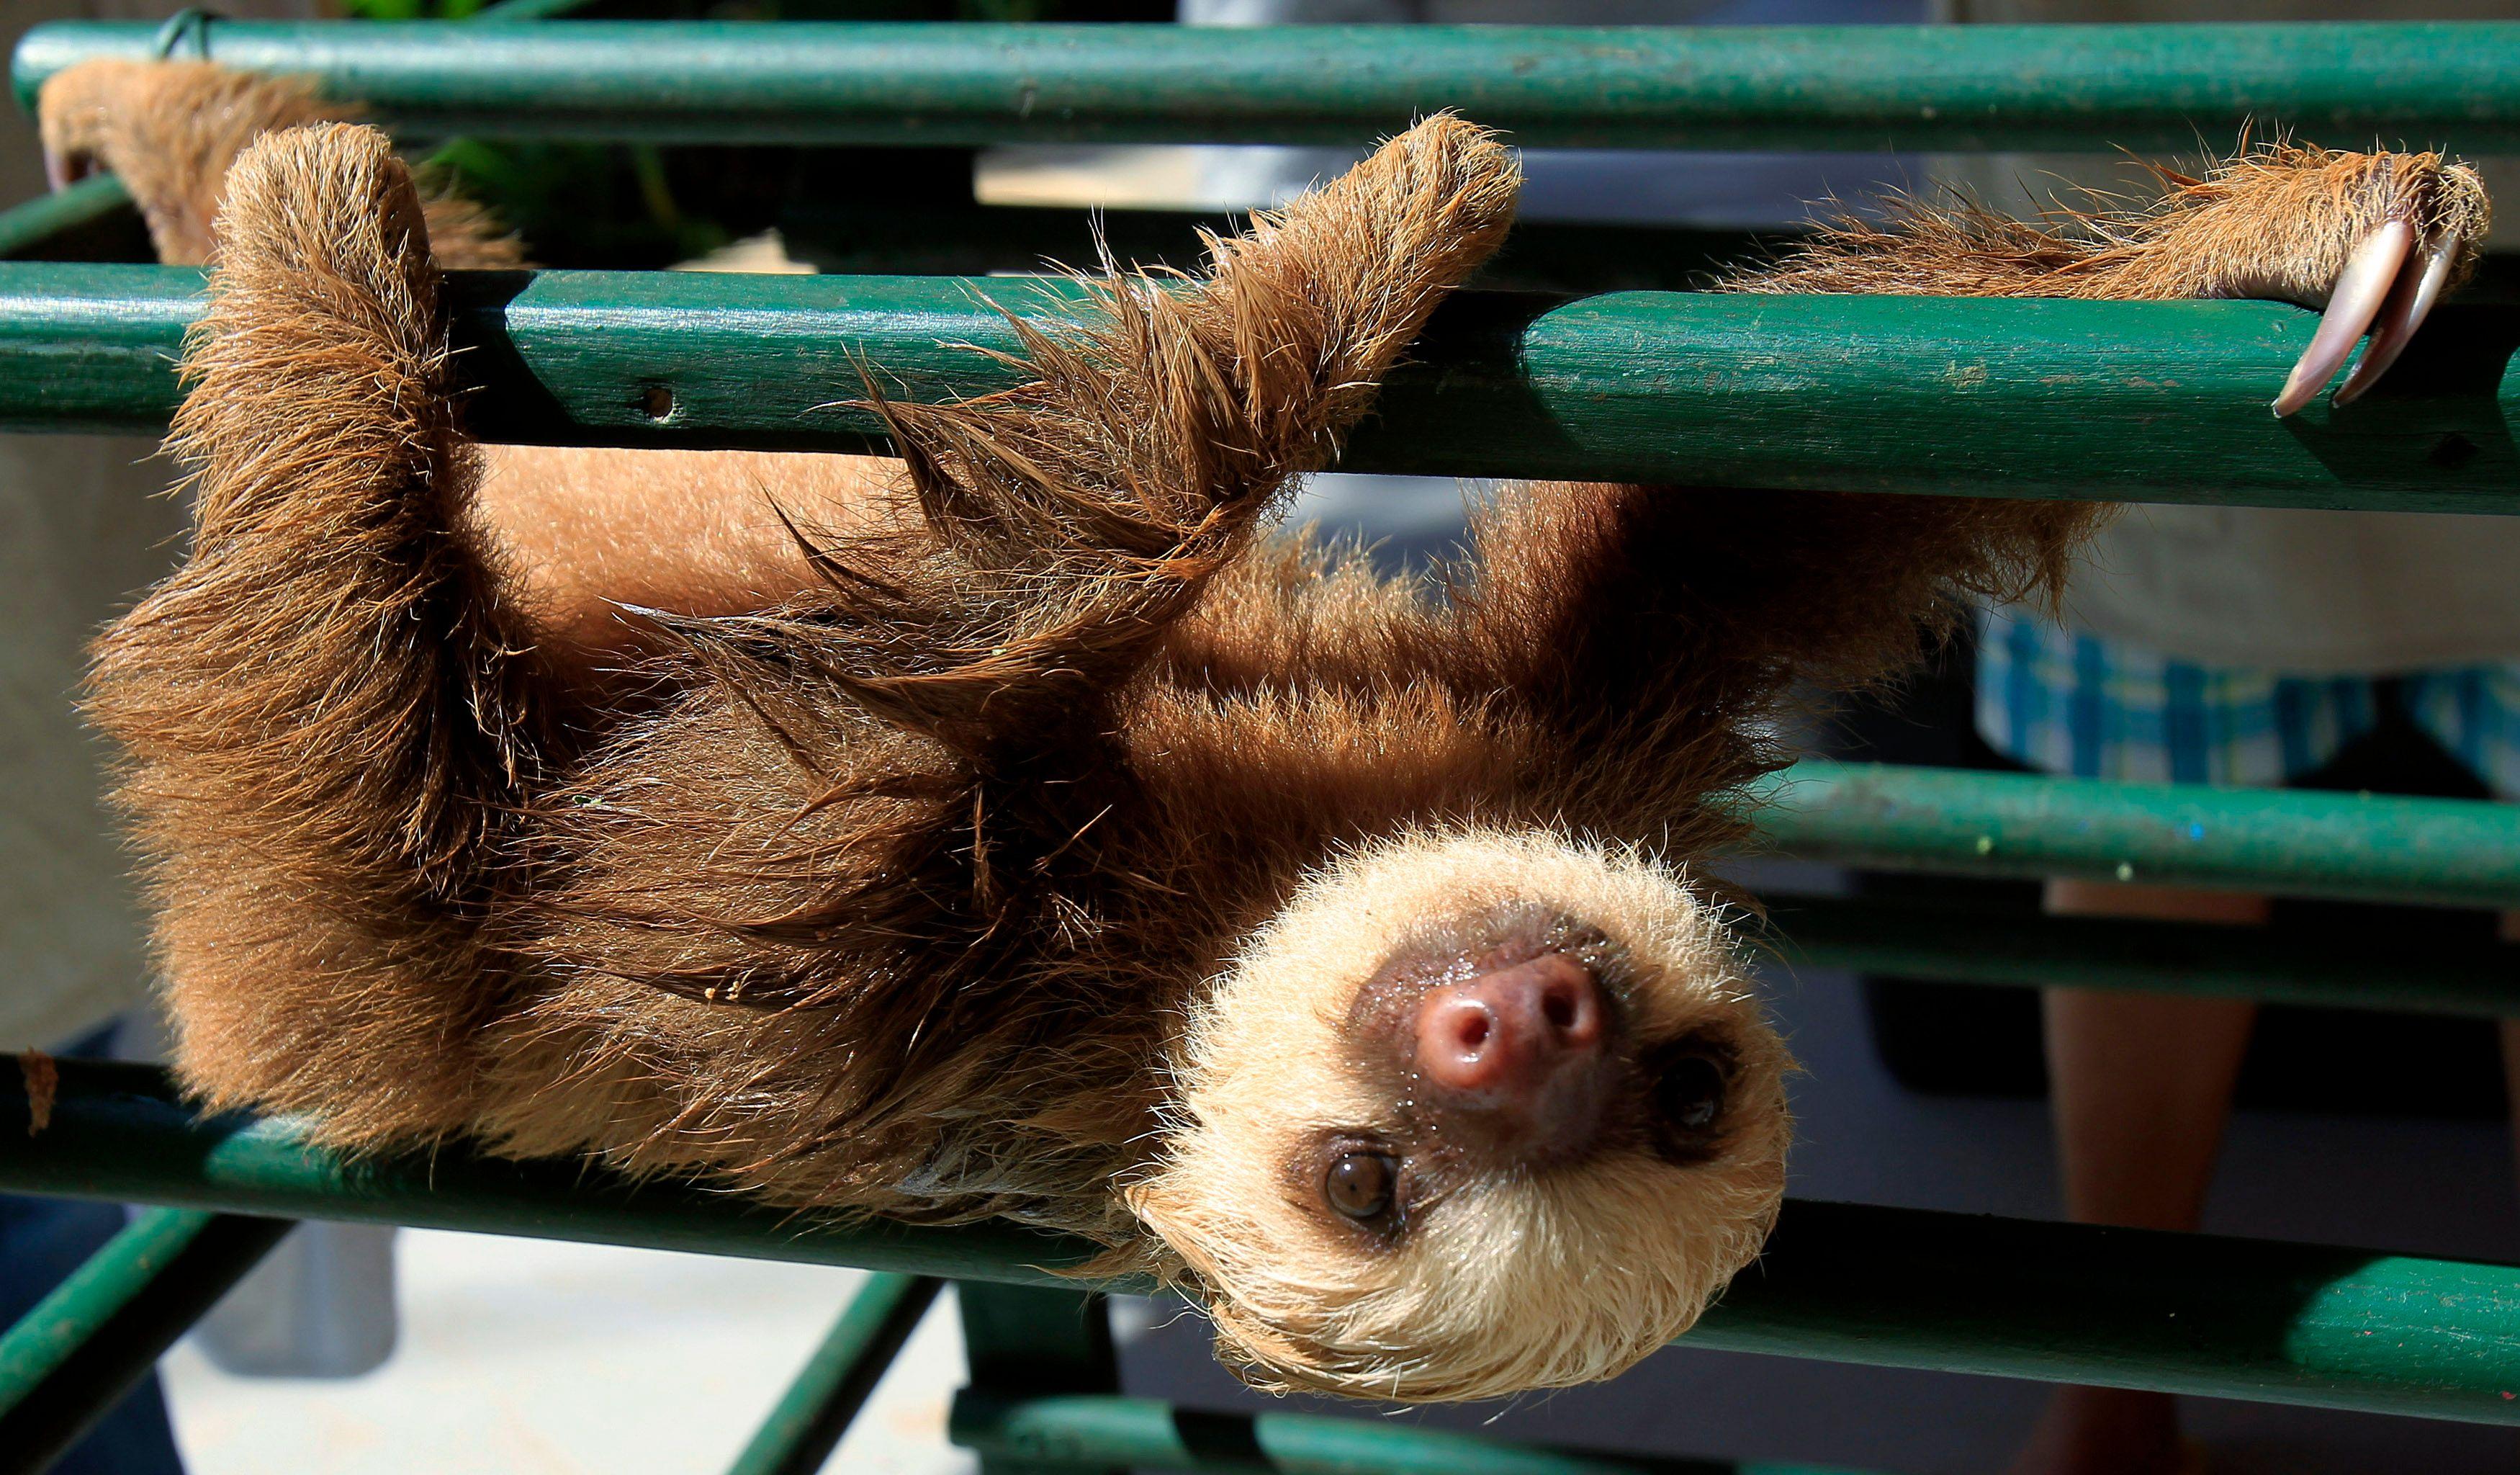 L'aï, un paresseux d'Amérique latine, ne défèque qu'une fois par semaine